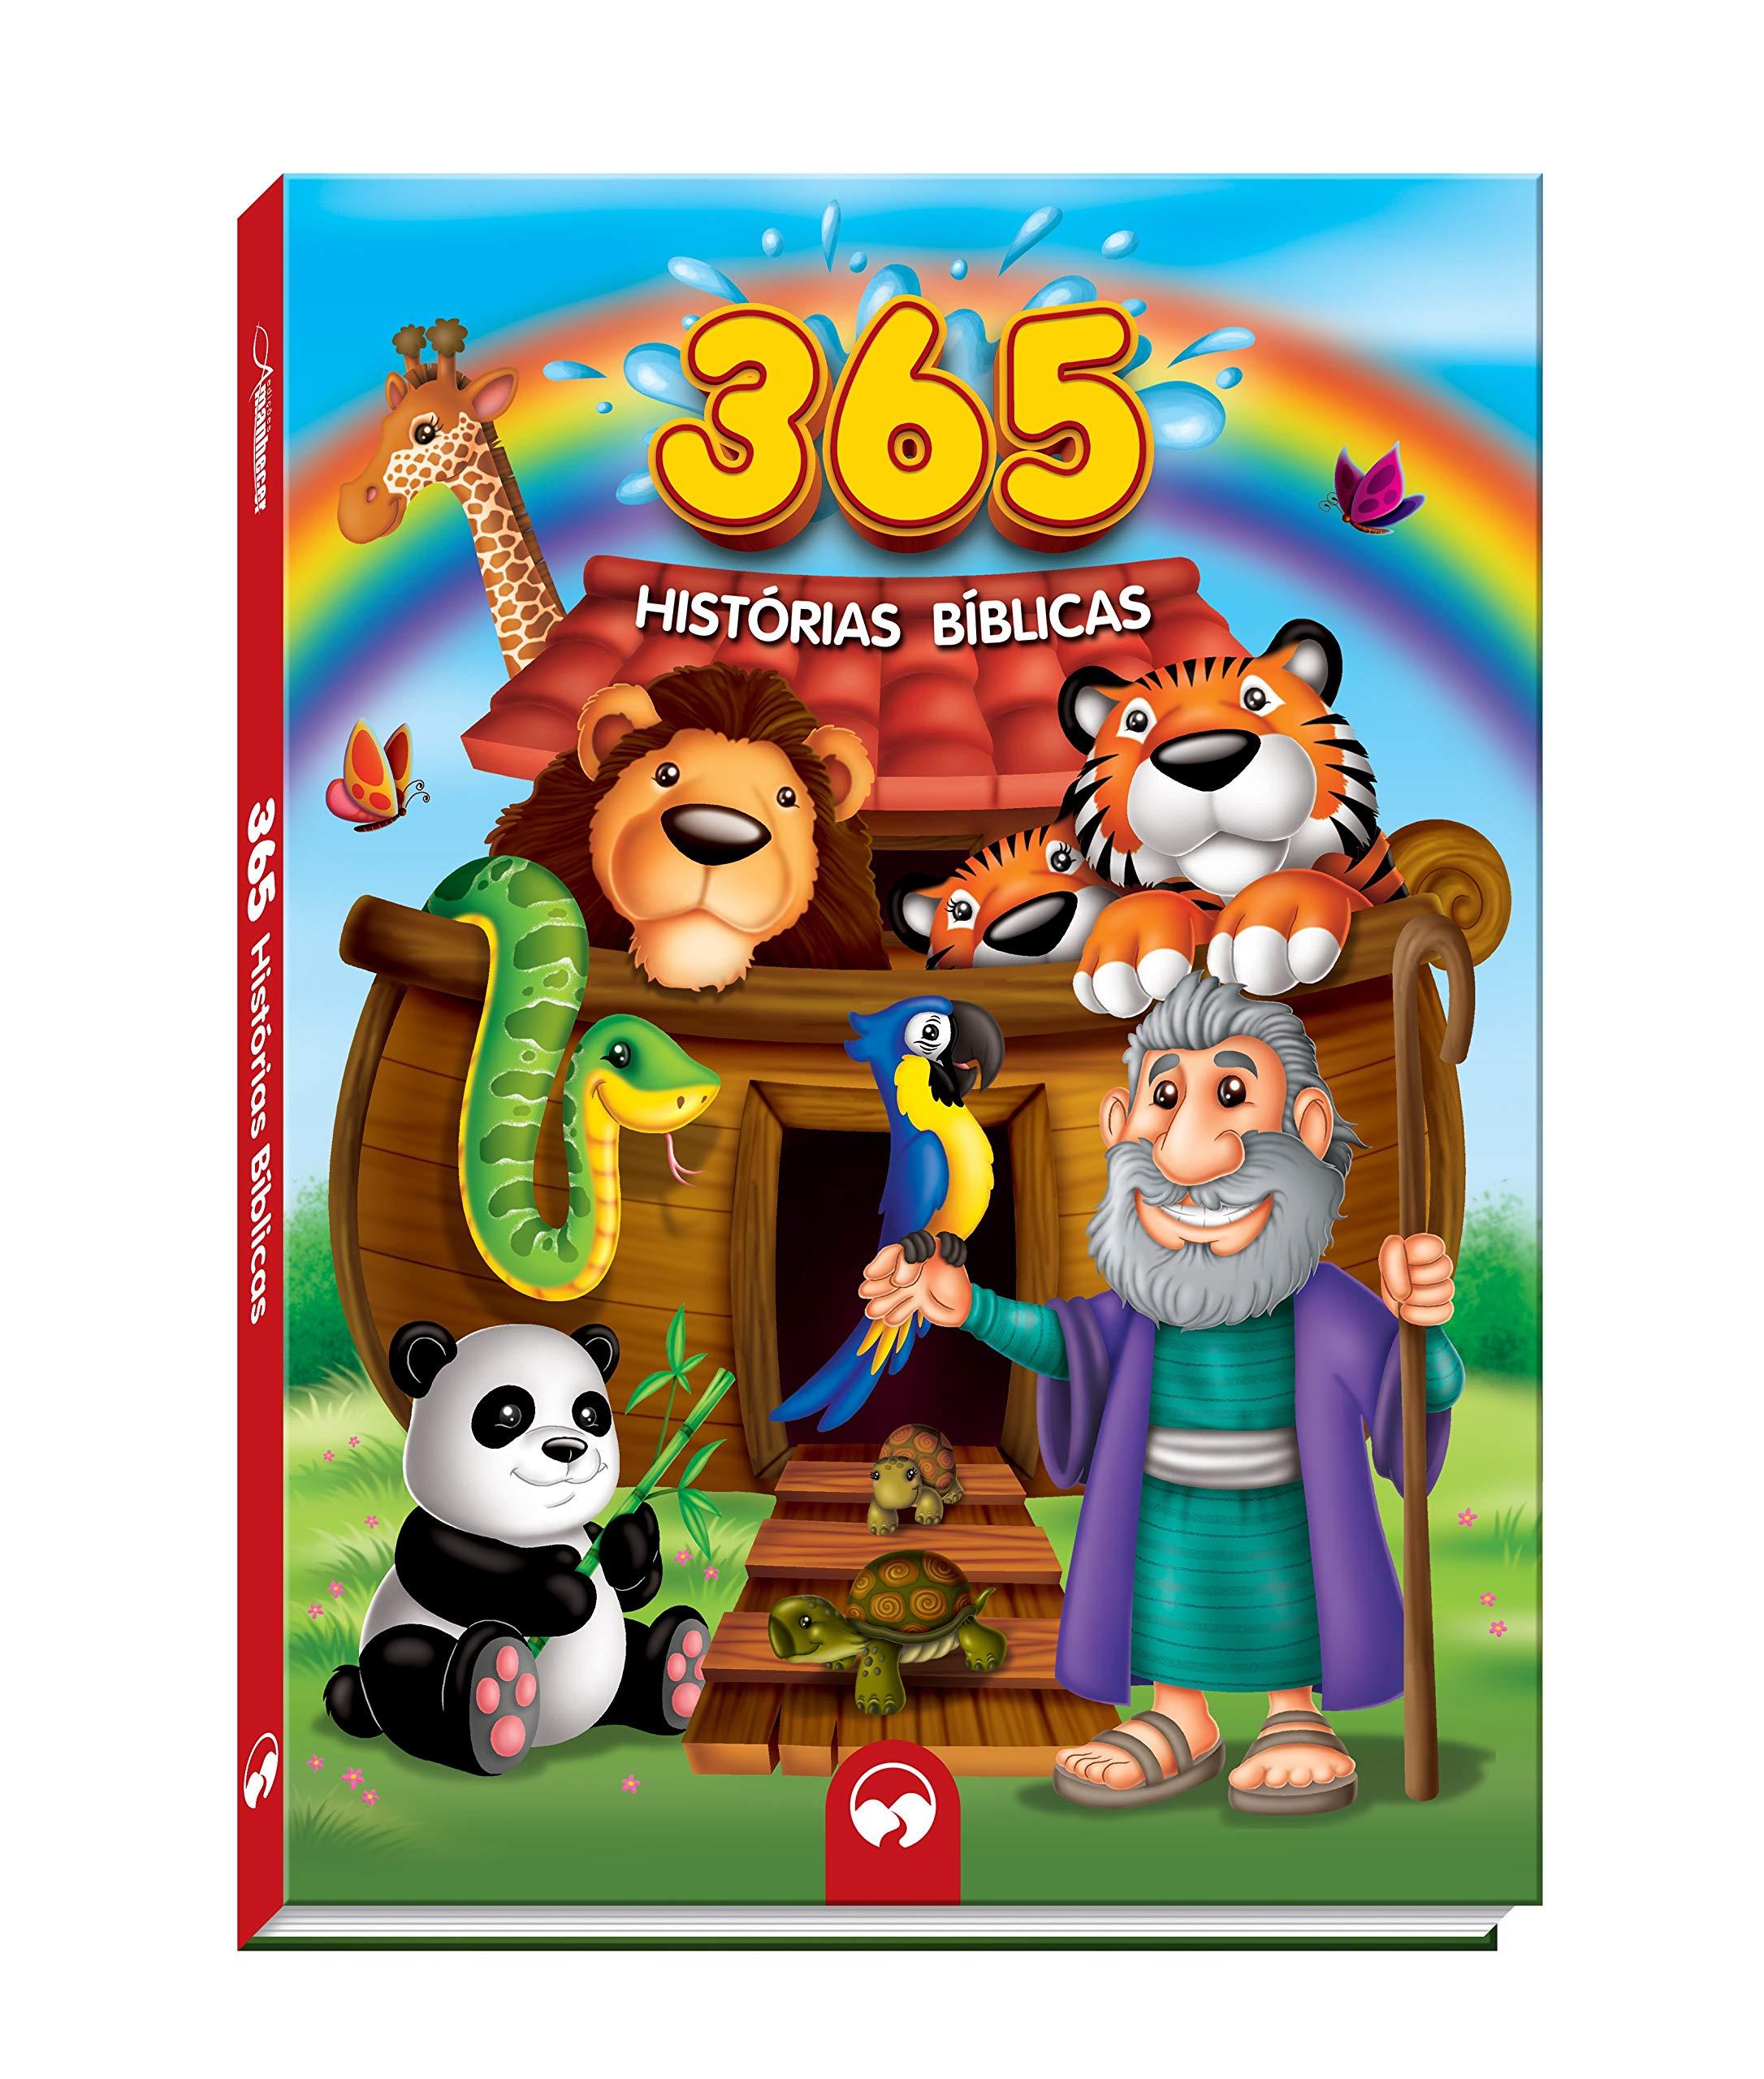 366 Historias Biblicas Varios Autores 9788555500145 Amazon Com